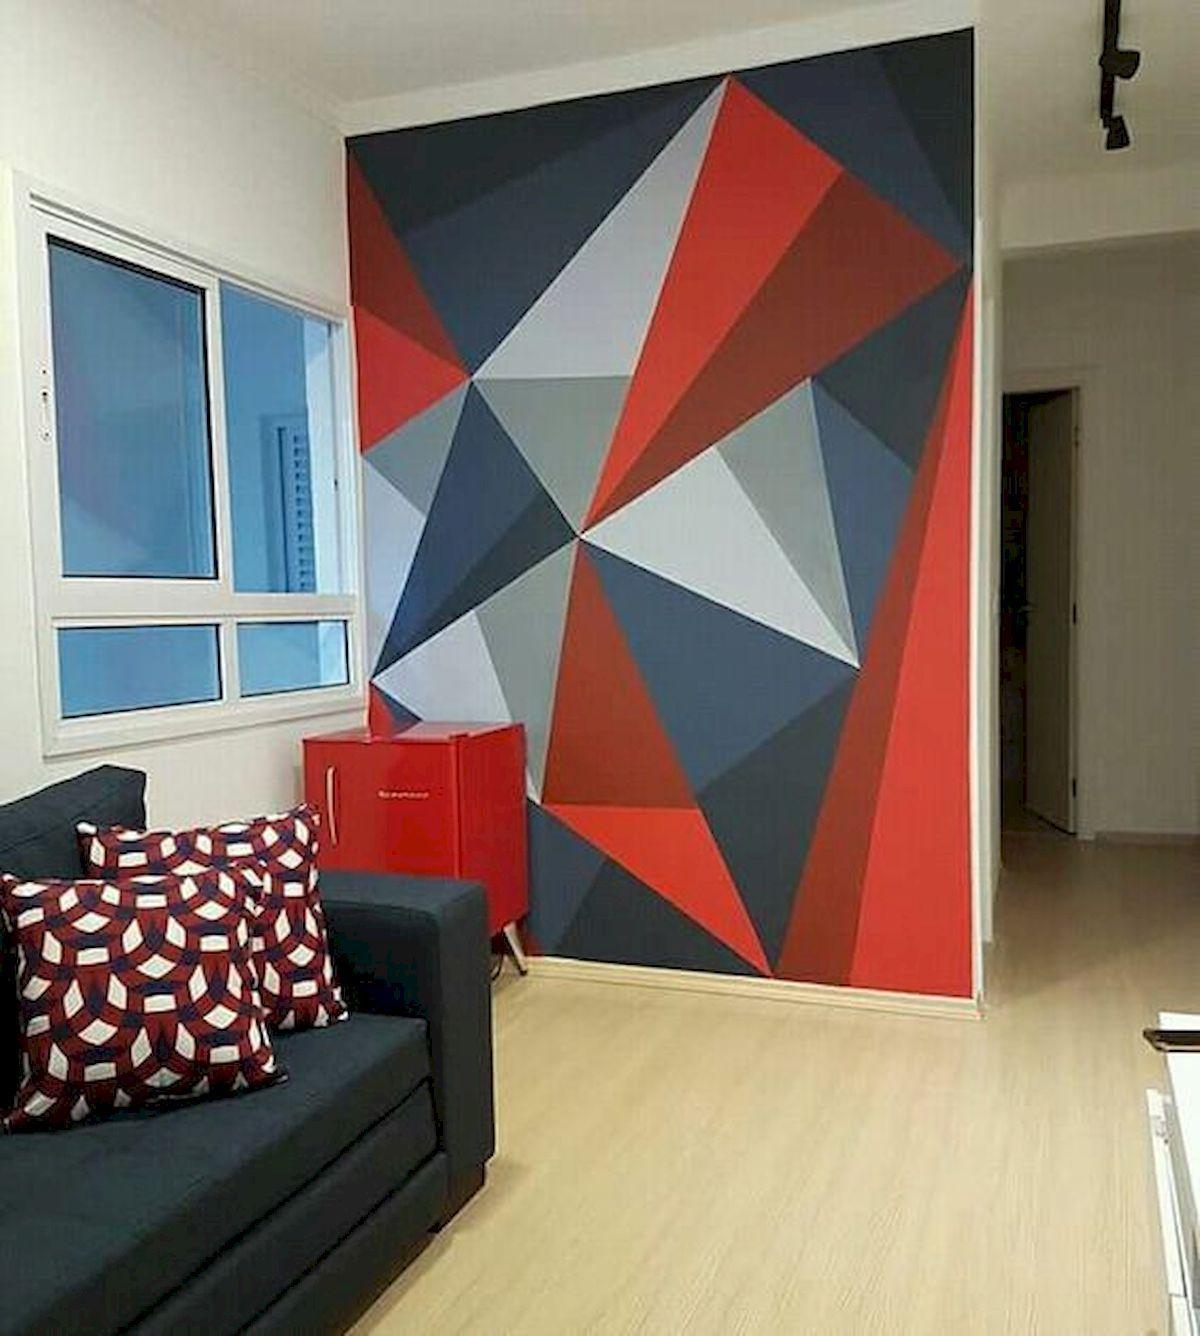 60 Best Geometric Wall Art Paint Design Ideas 1 33decor Bedroom Wall Designs Wall Paint Designs Home Interior Design